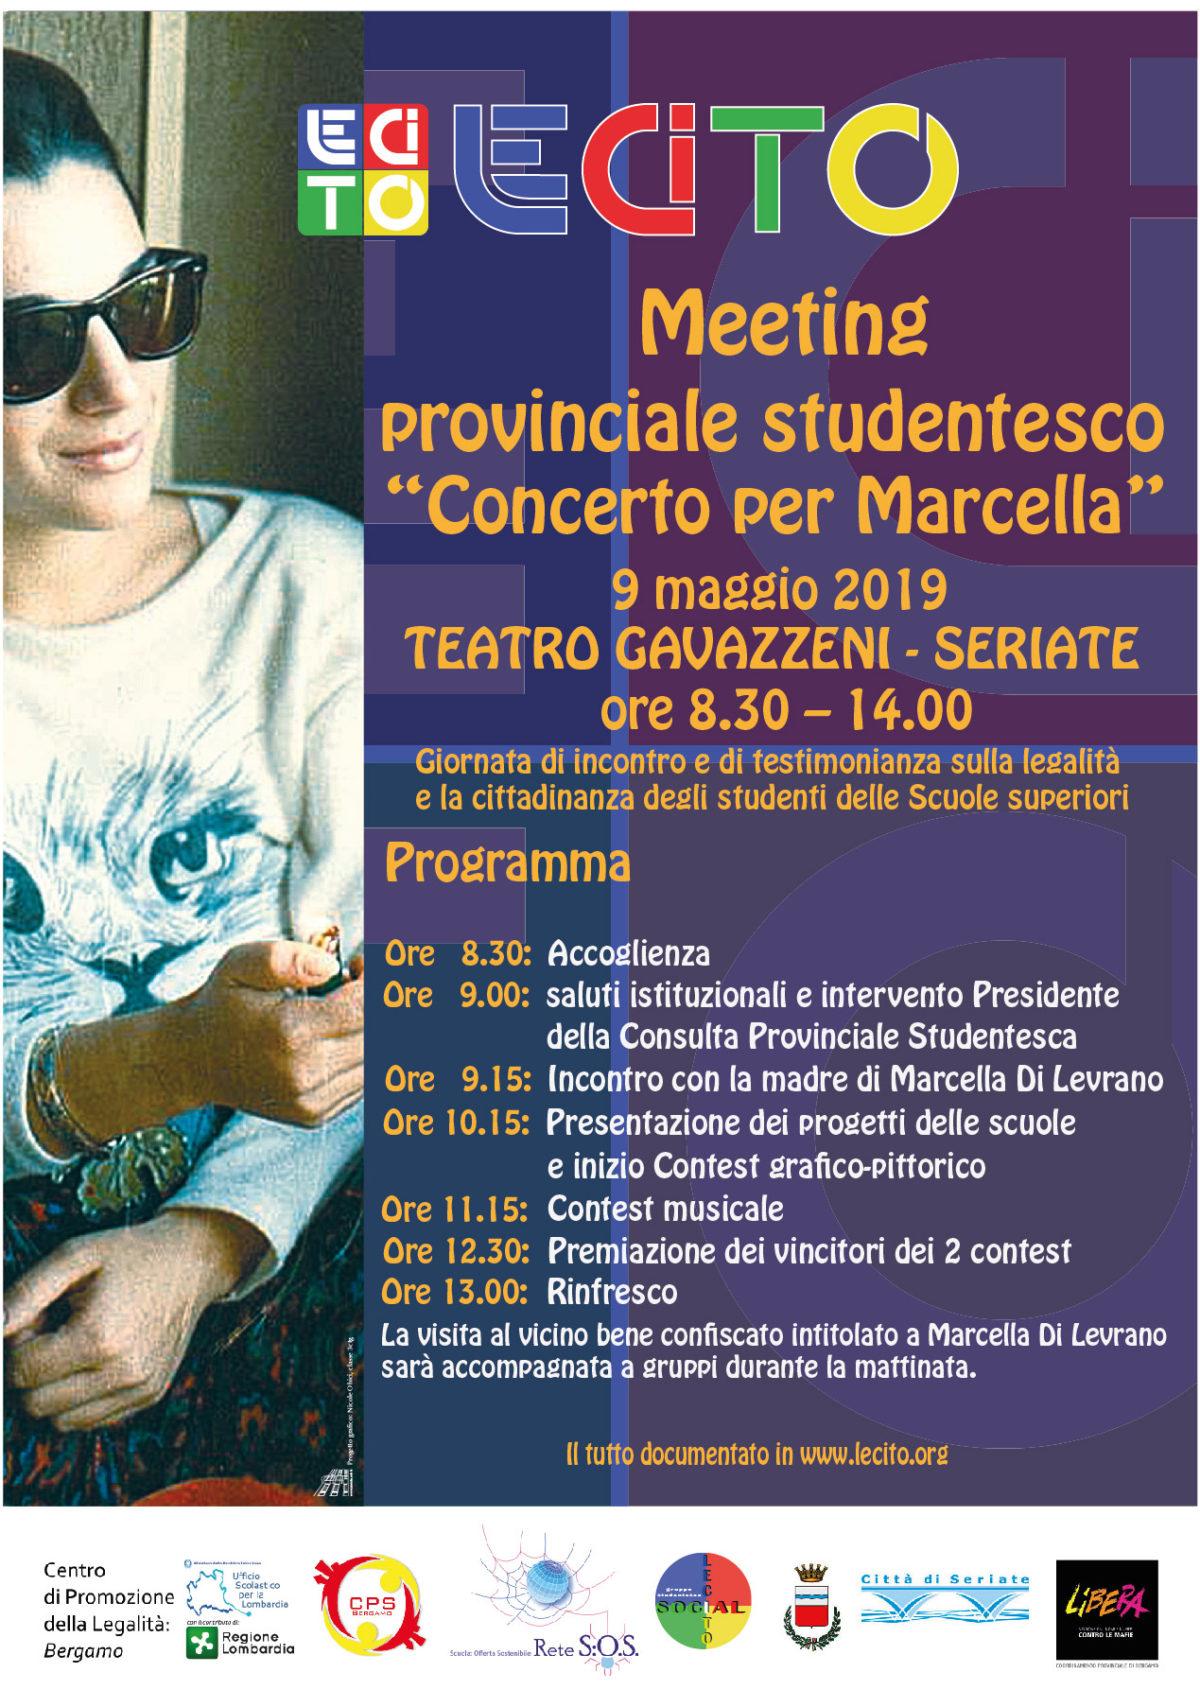 Concerto per Marcella